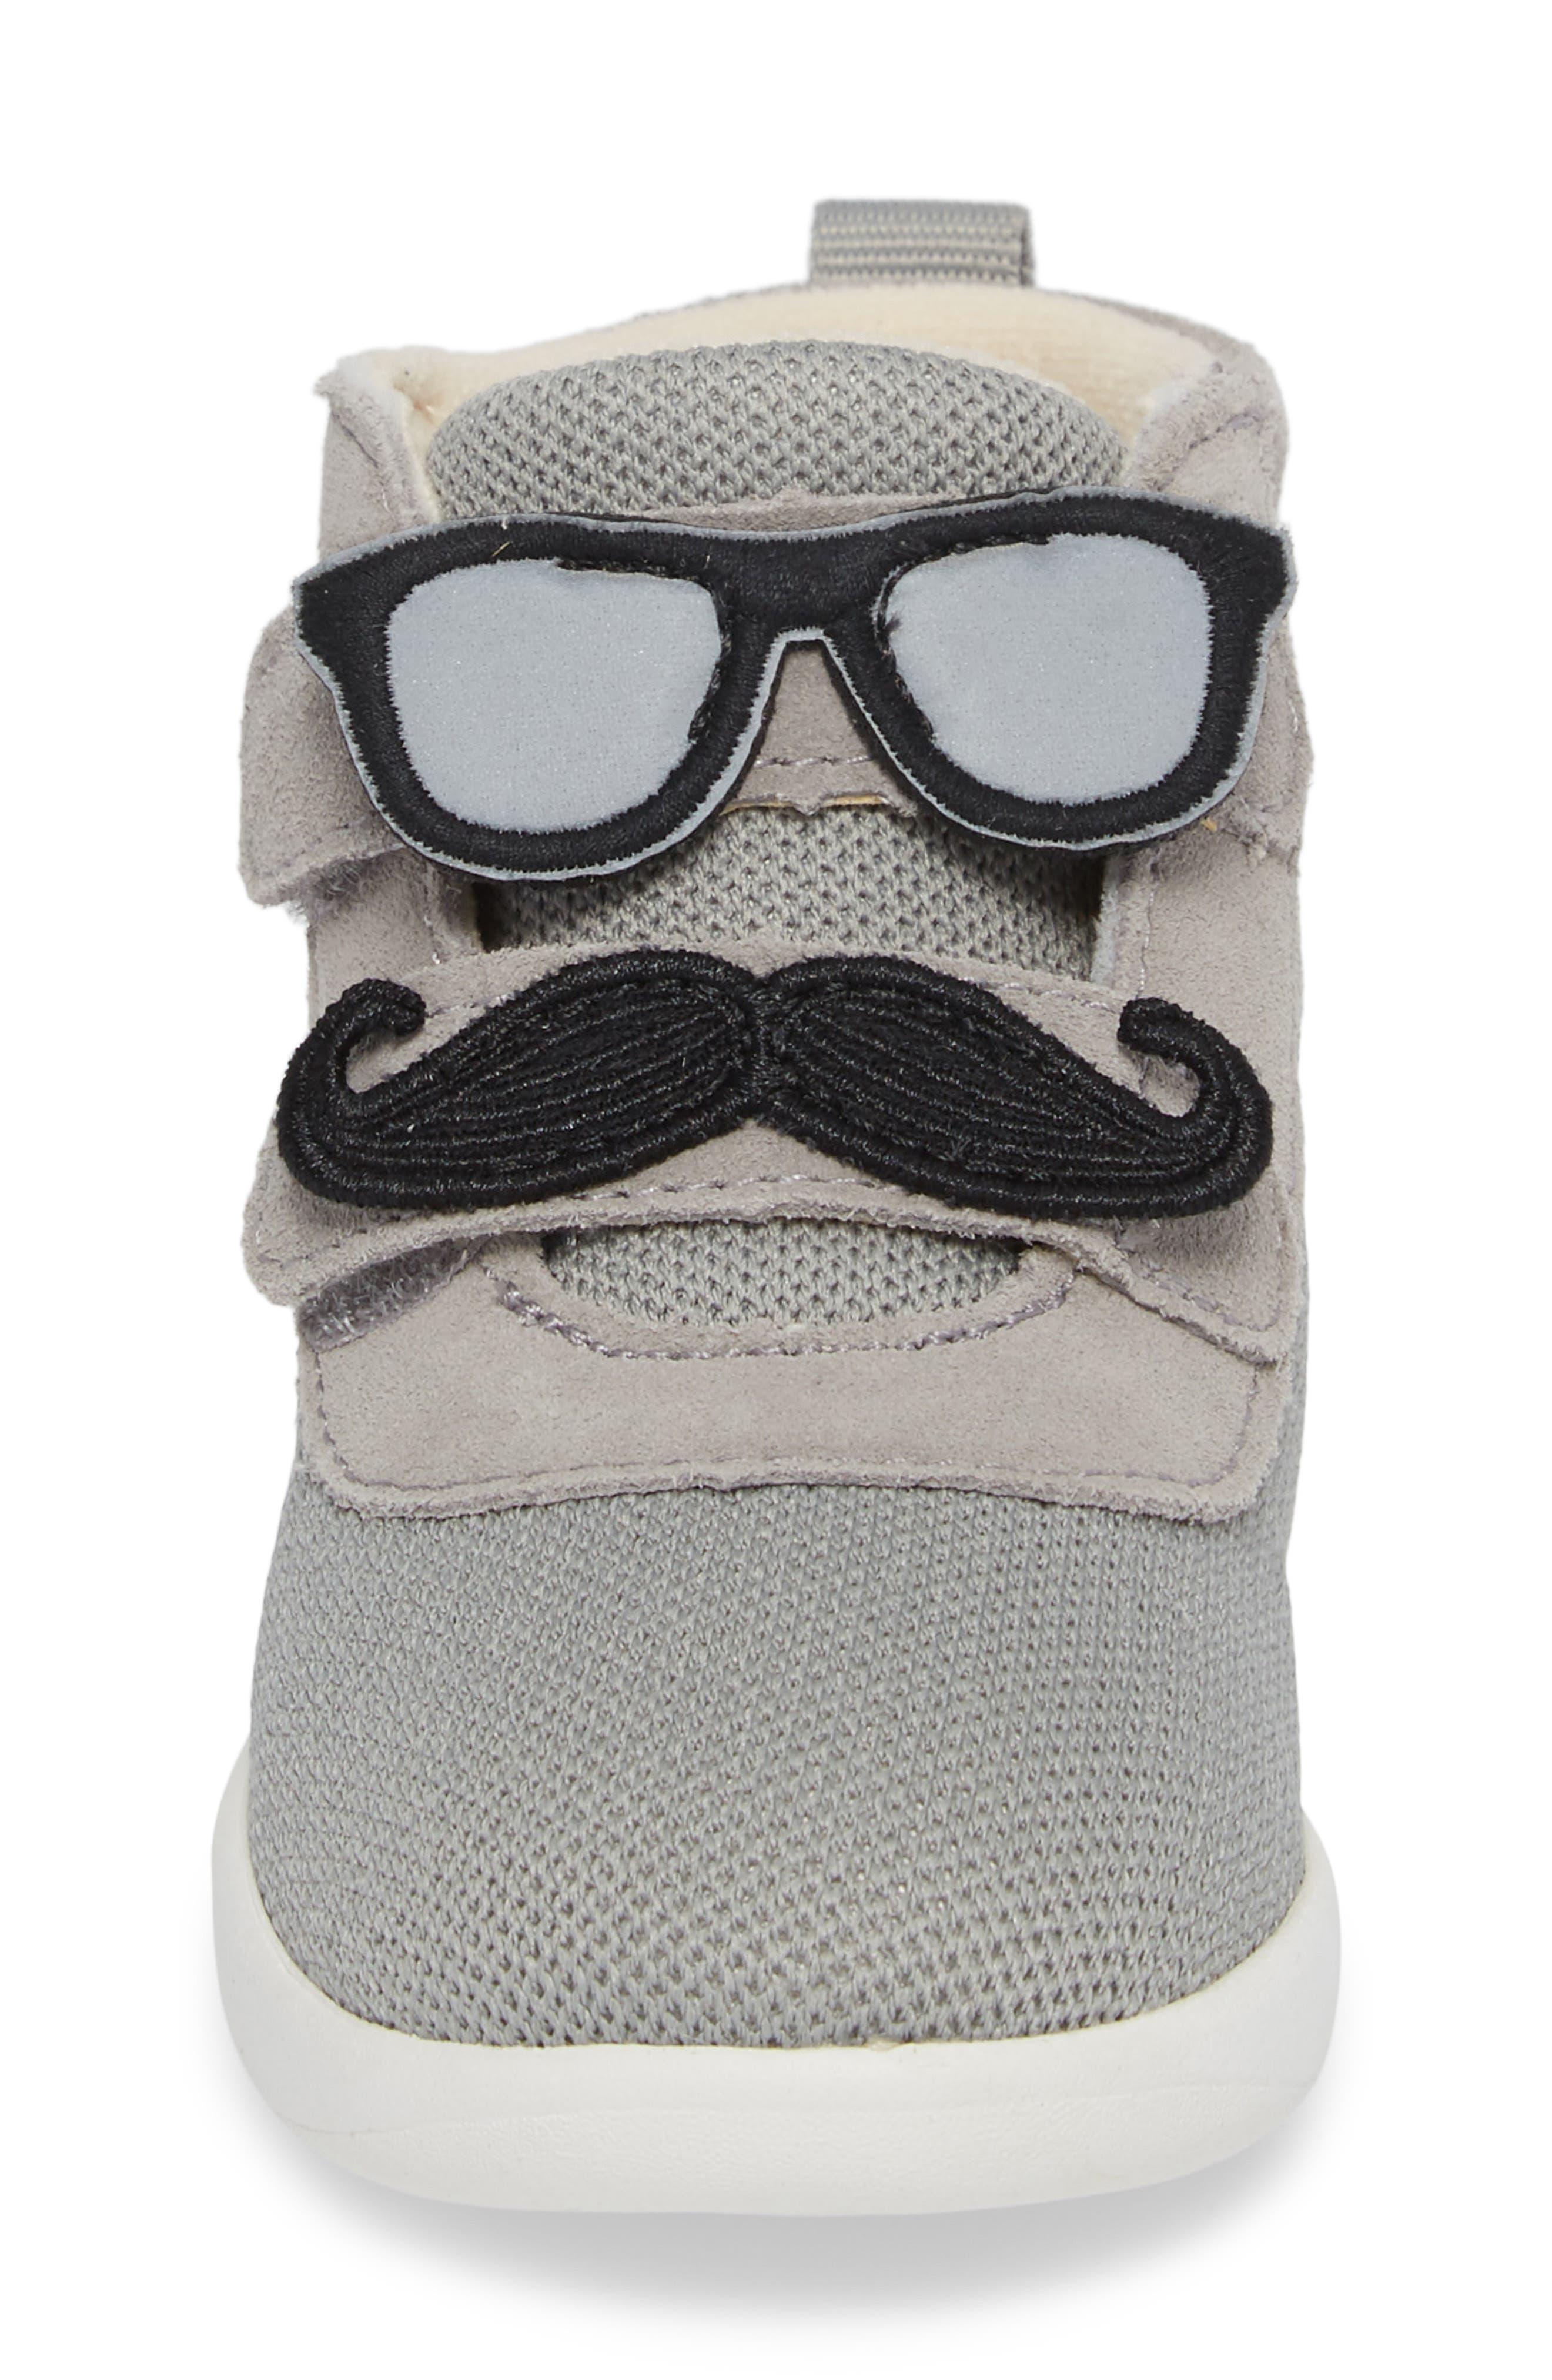 Drex Sunglasses & Mustache Appliqué Sneaker,                             Alternate thumbnail 4, color,                             024